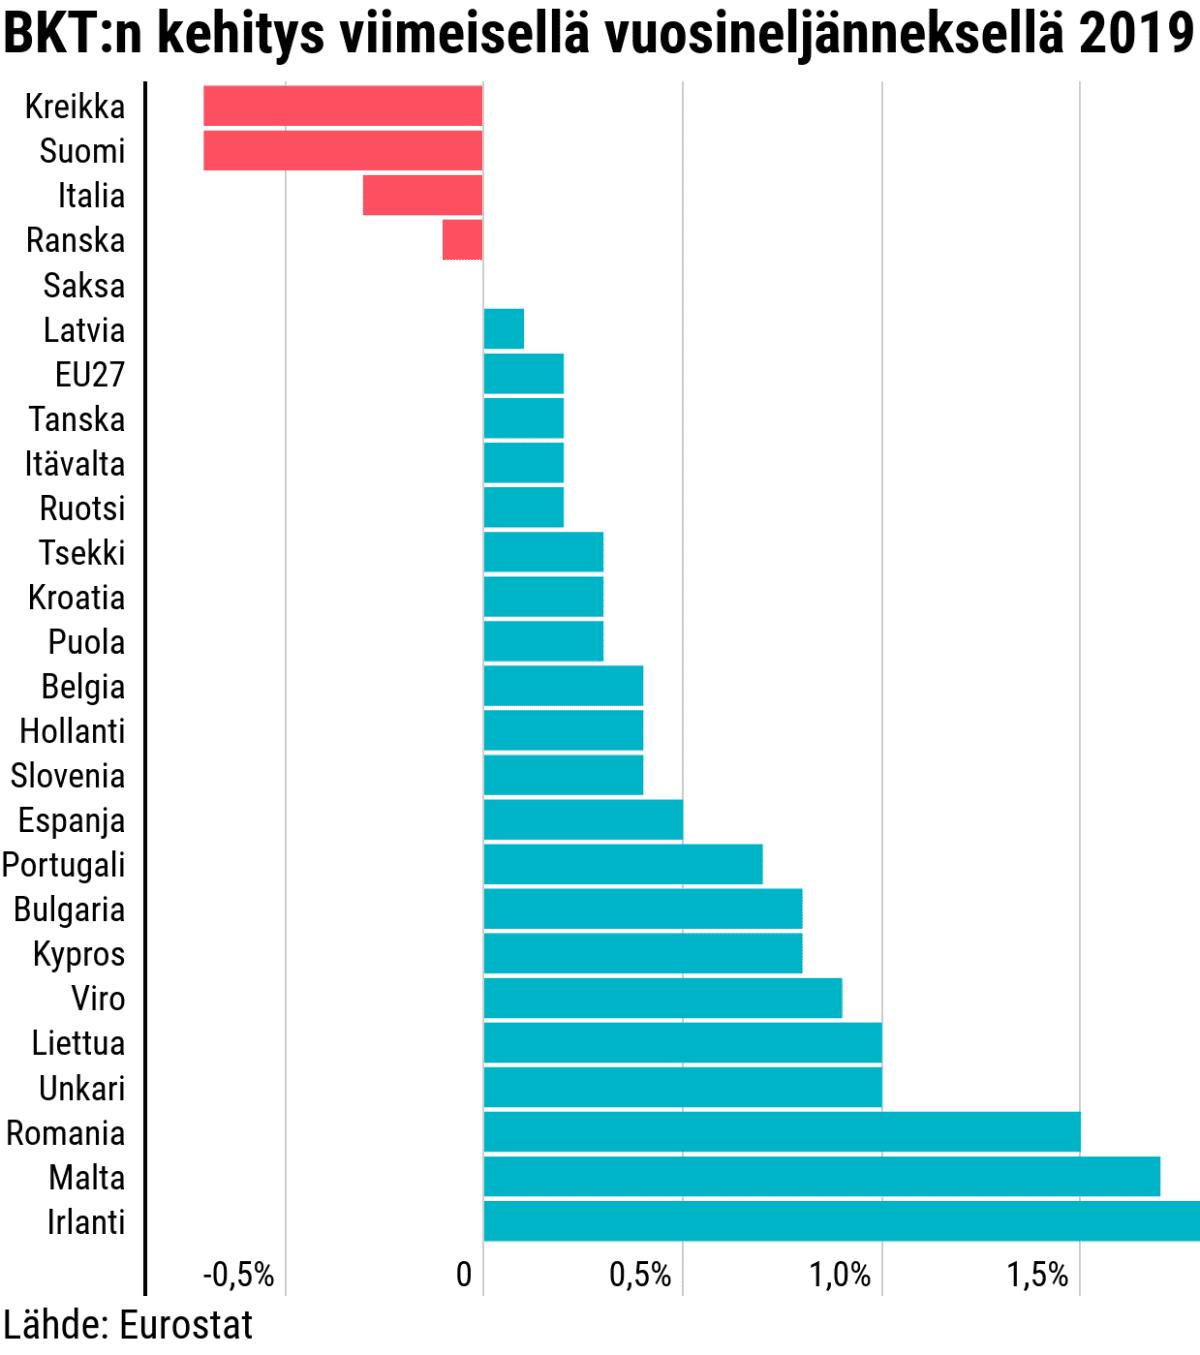 BKT:n kehitys viimeisellä vuosineljänneksellä 2019. Kreikka ja Suomi 0,7%. Italia -0,3%, Ranska 0,1% ja Saksa 0%. Euroopan muut maat ovat plussalla 0–1,7%.